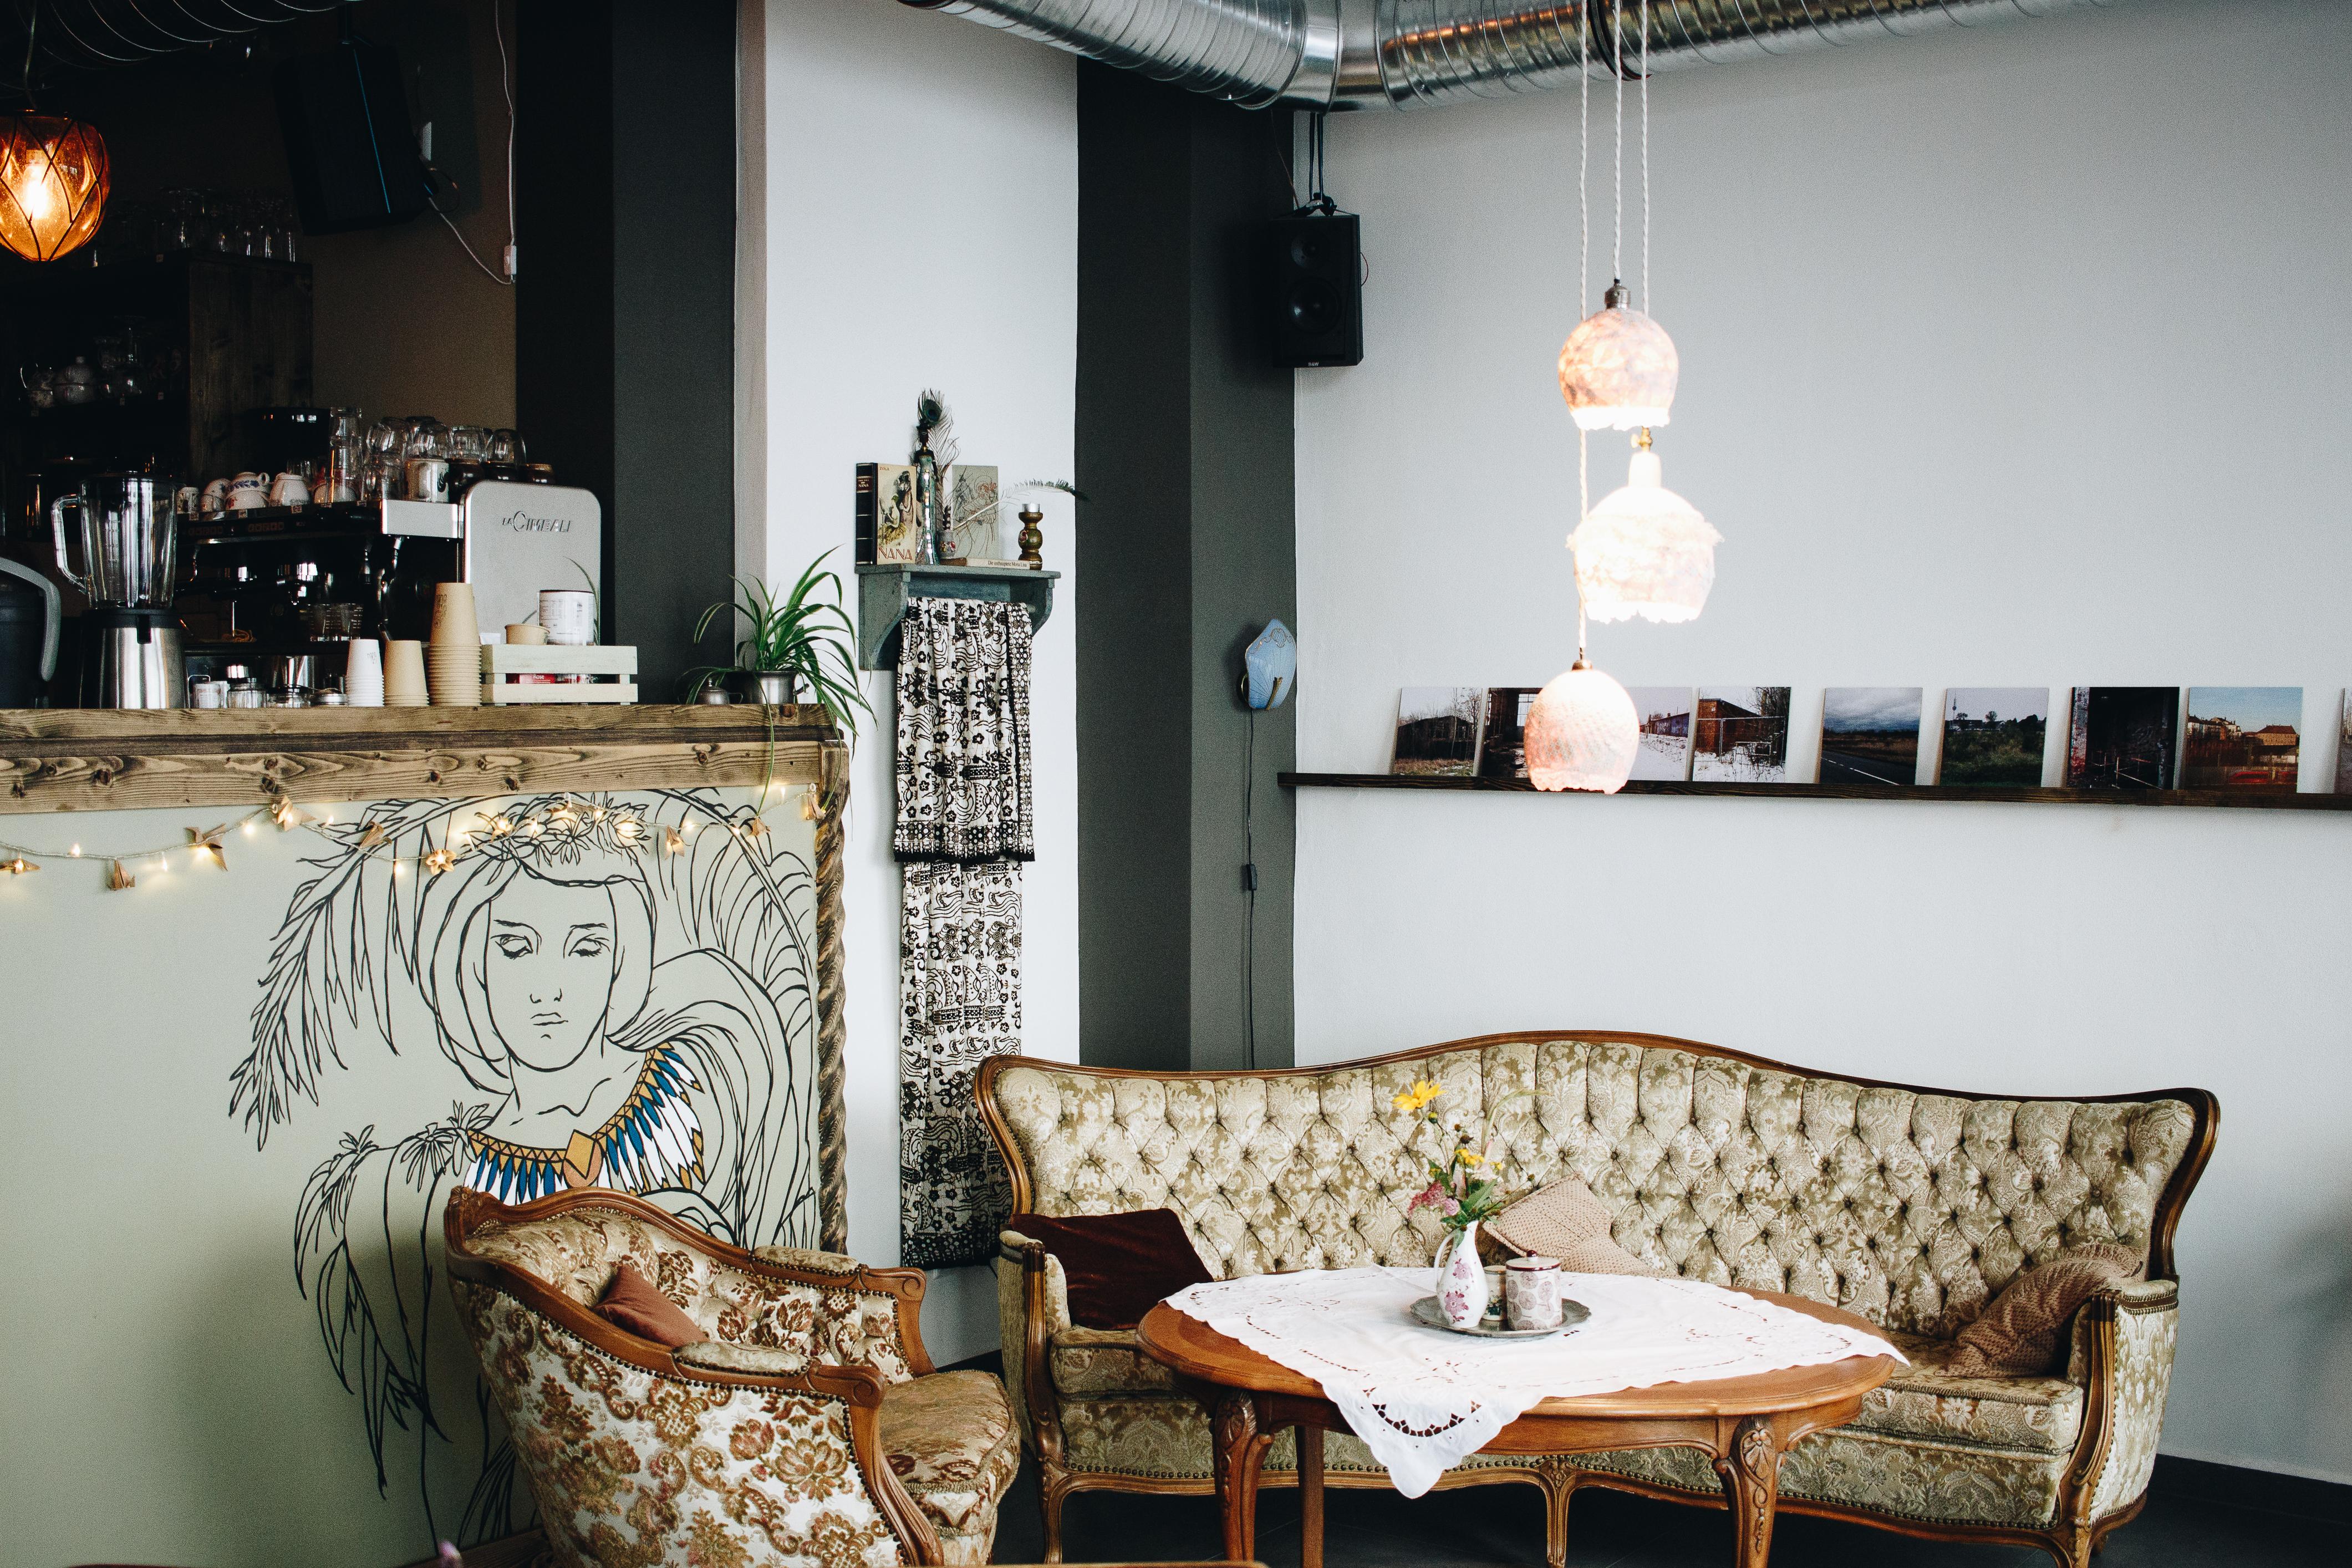 café bubu-reudnitz-annabelle sagt-leipzig29